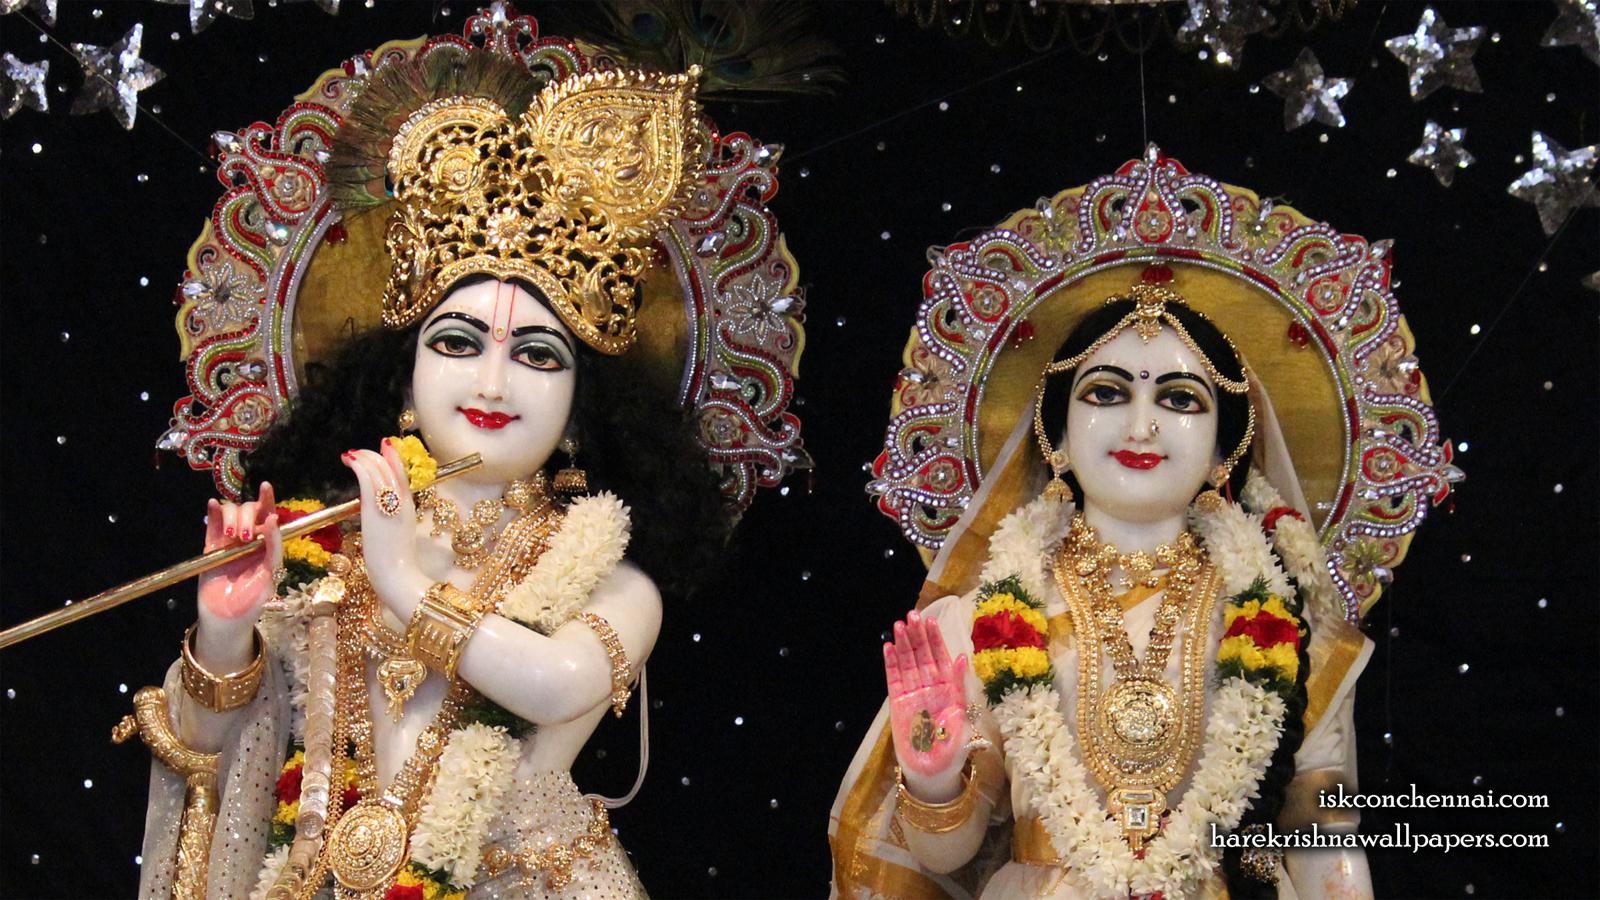 Sri Sri Radha Krishna Close up Wallpaper (010) Size 1600x900 Download